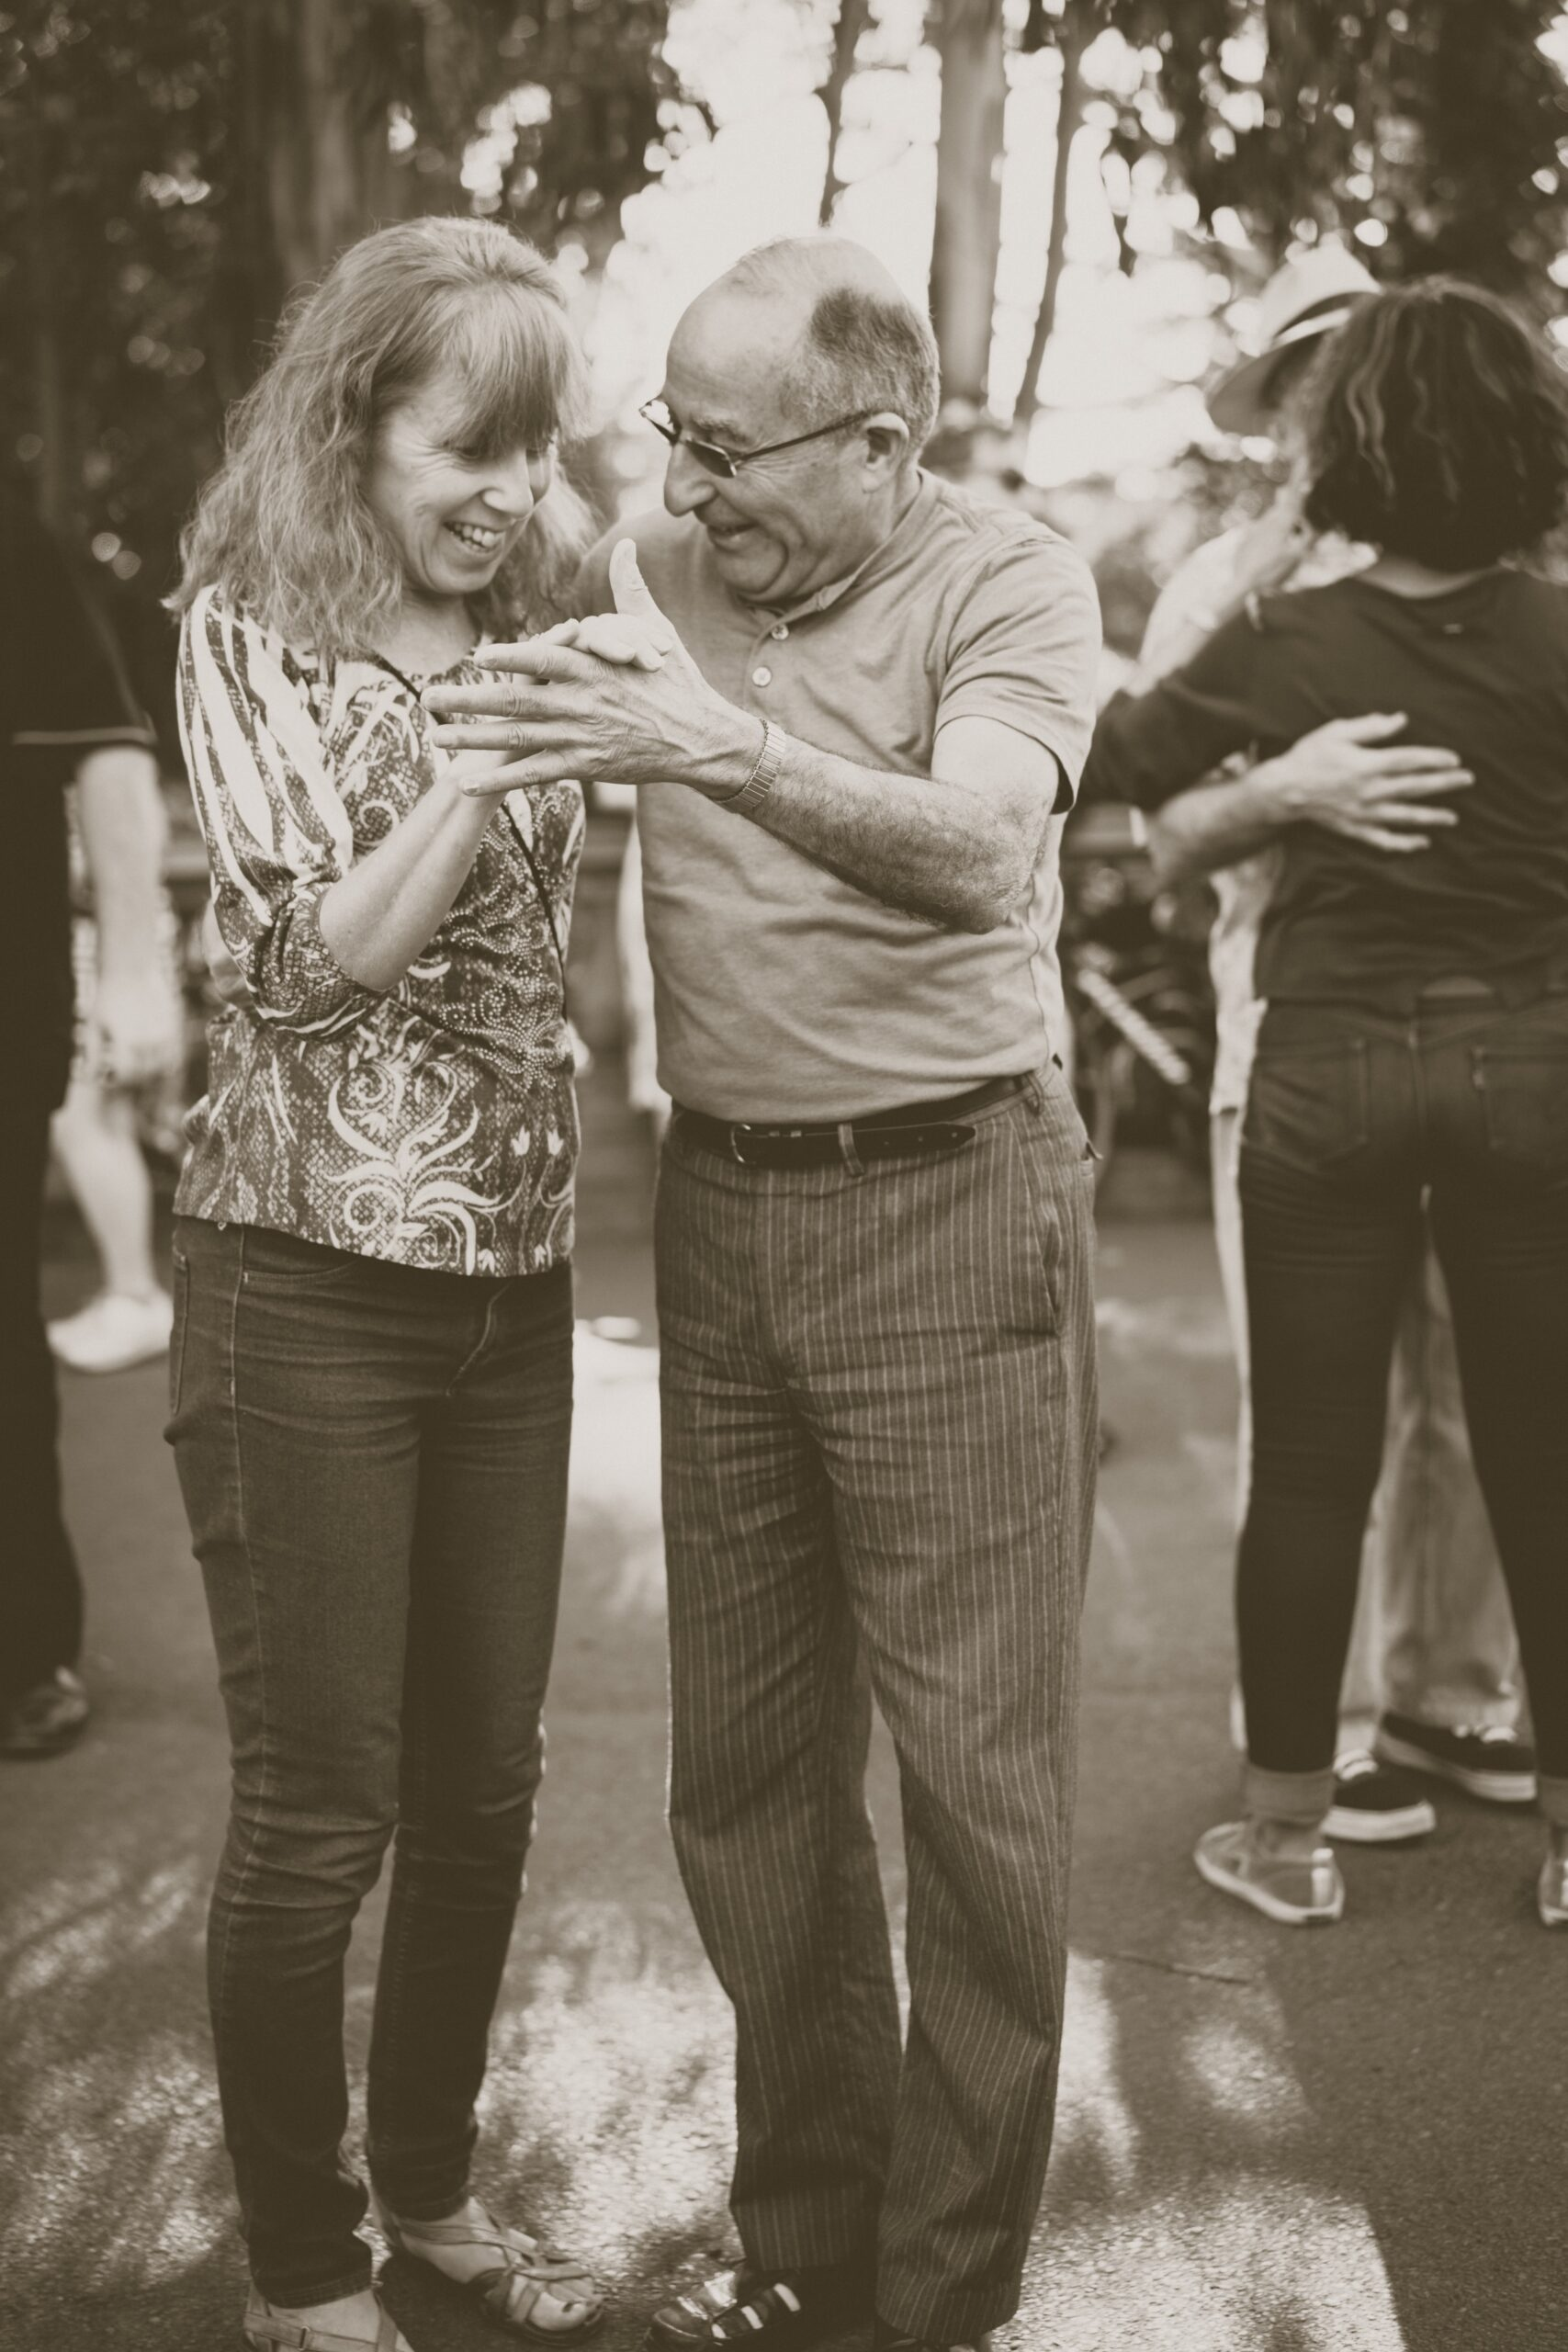 john-moeses-bauan-Couple Dancing-unsplash